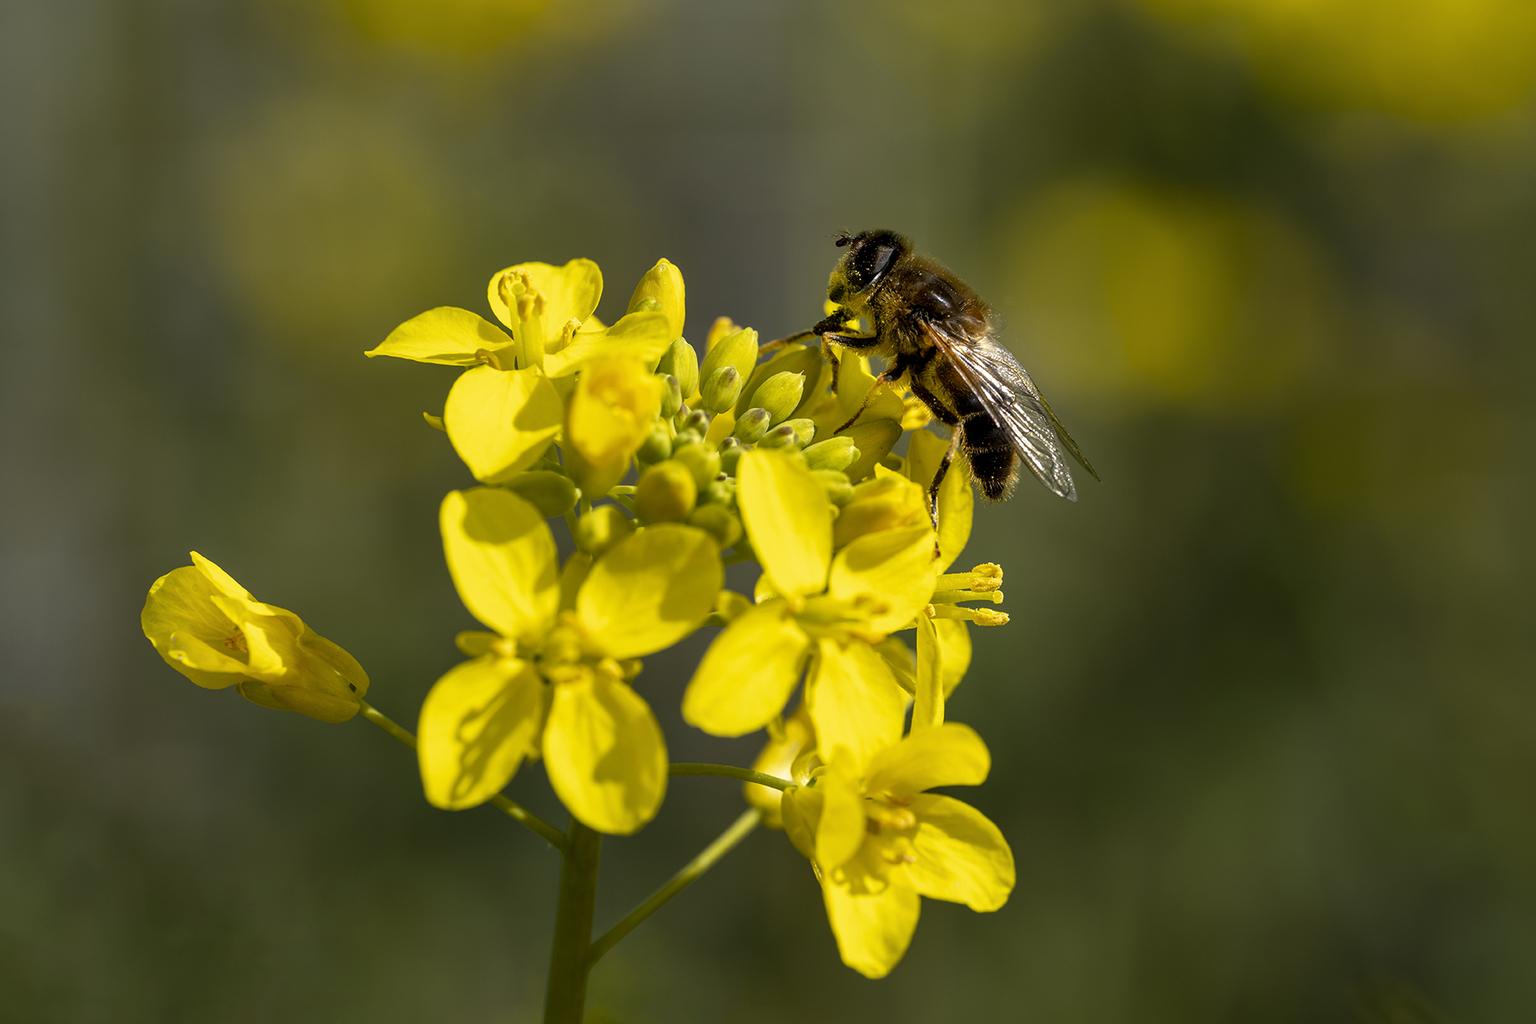 Bij op een gele bloem - Bij op een gele bloem - foto door stevendijk3 op 15-04-2021 - locatie: 3273 Westmaas, Nederland - deze foto bevat: bij, bee, natuur, insect, macro, bokuh, bloem, fabriek, bestuiver, geleedpotigen, insect, bloemblaadje, geel, honingbij, bloeiende plant, plaag